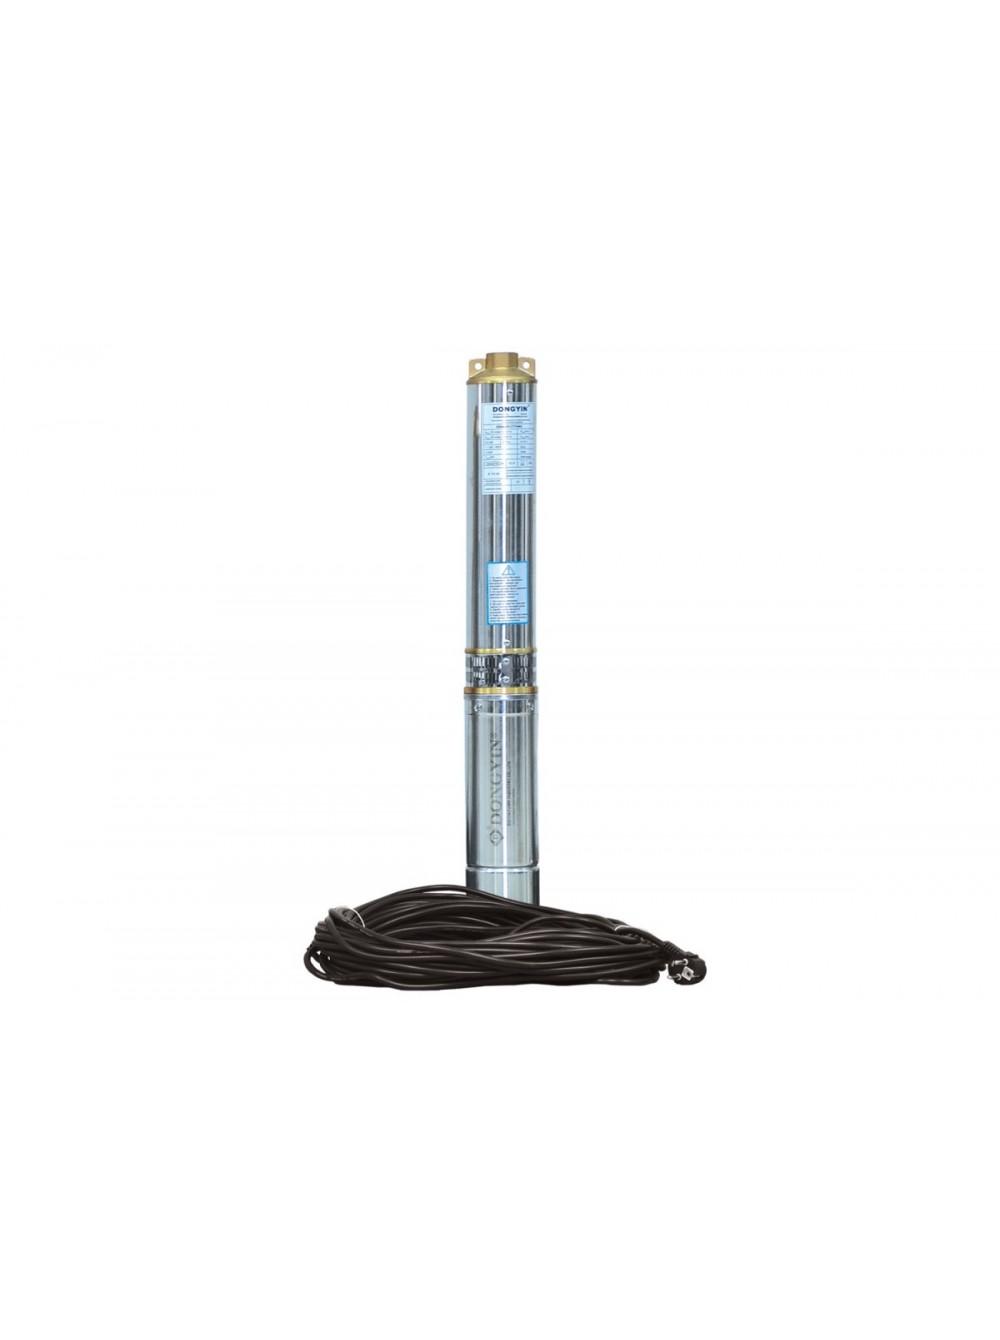 Насос погружной центробежный Aquatica 777390 0,37 кВт; h-34м, кабель 20м цена